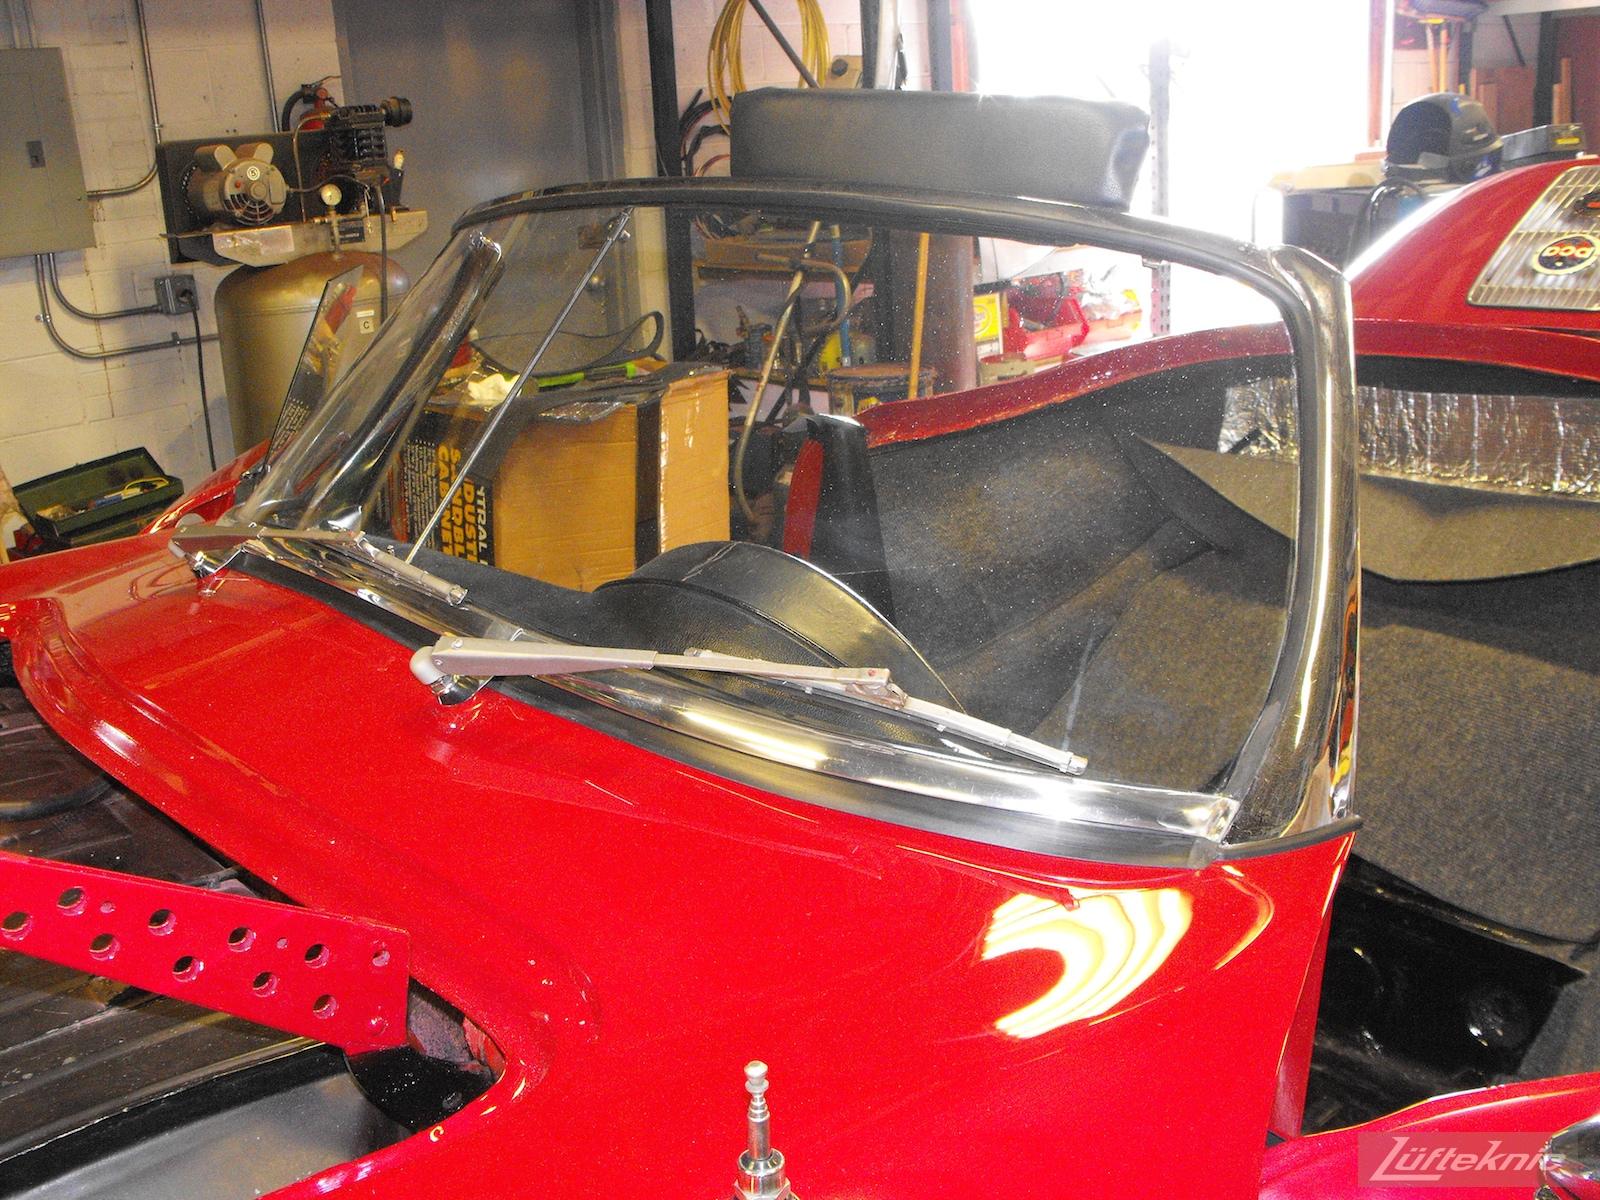 Windshield installed on a 1961 Porsche 356B Roadster restoration.